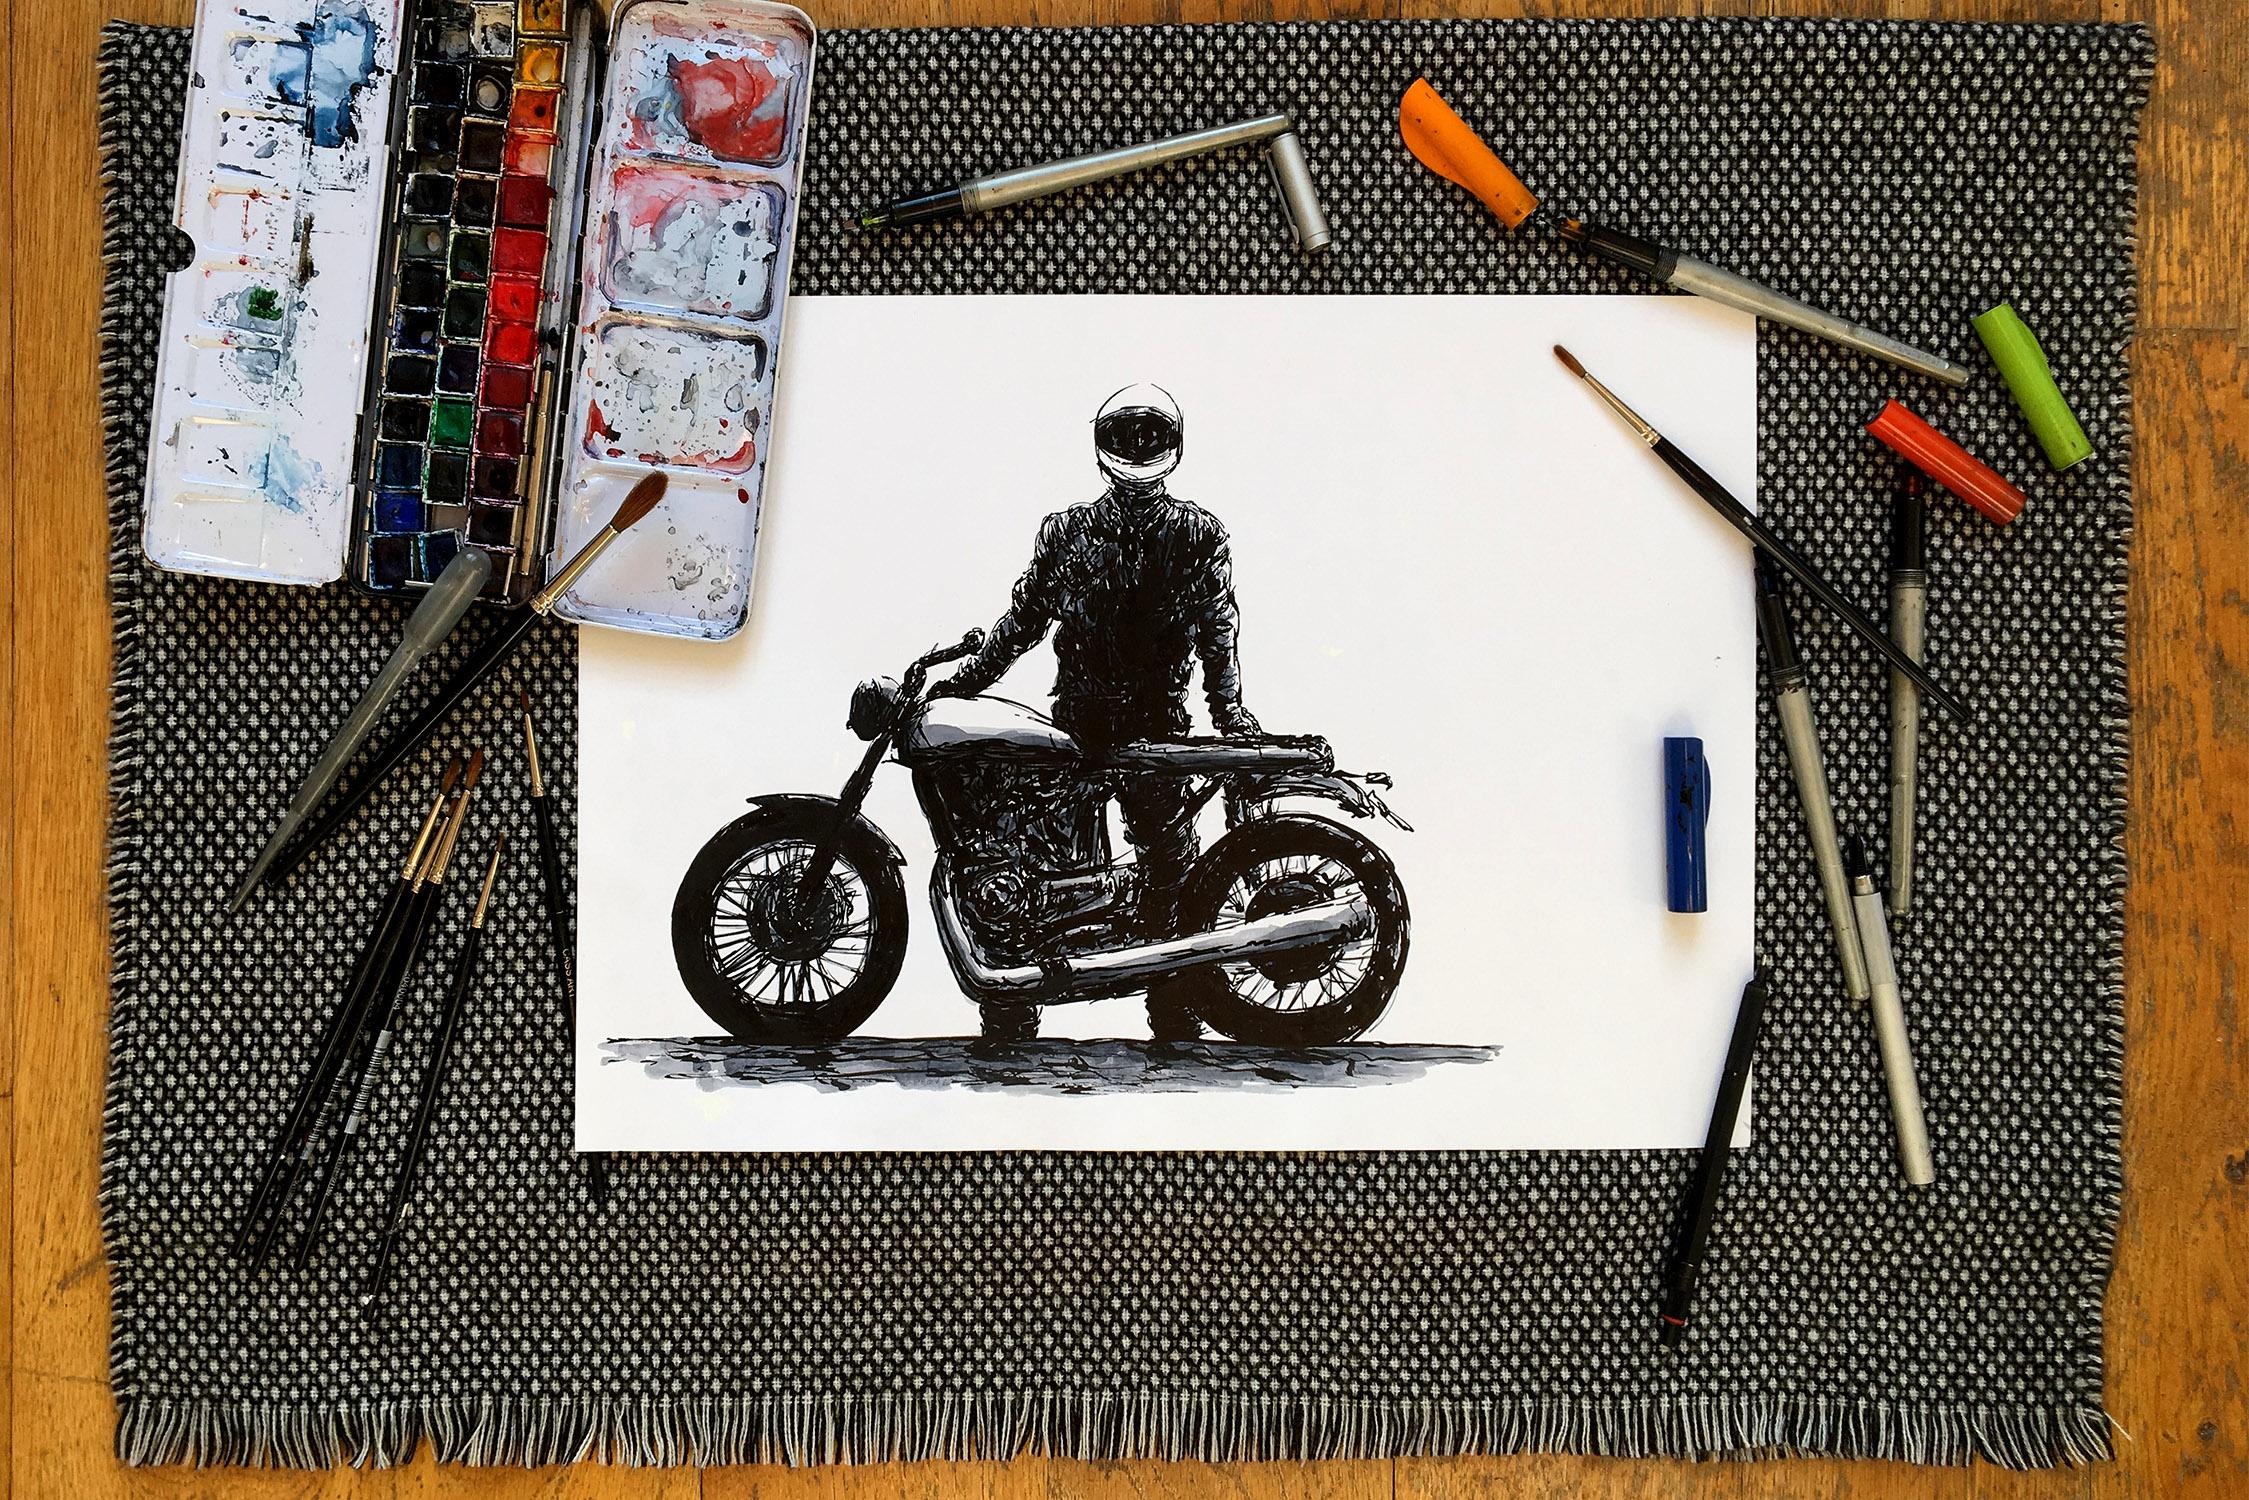 Rider 7